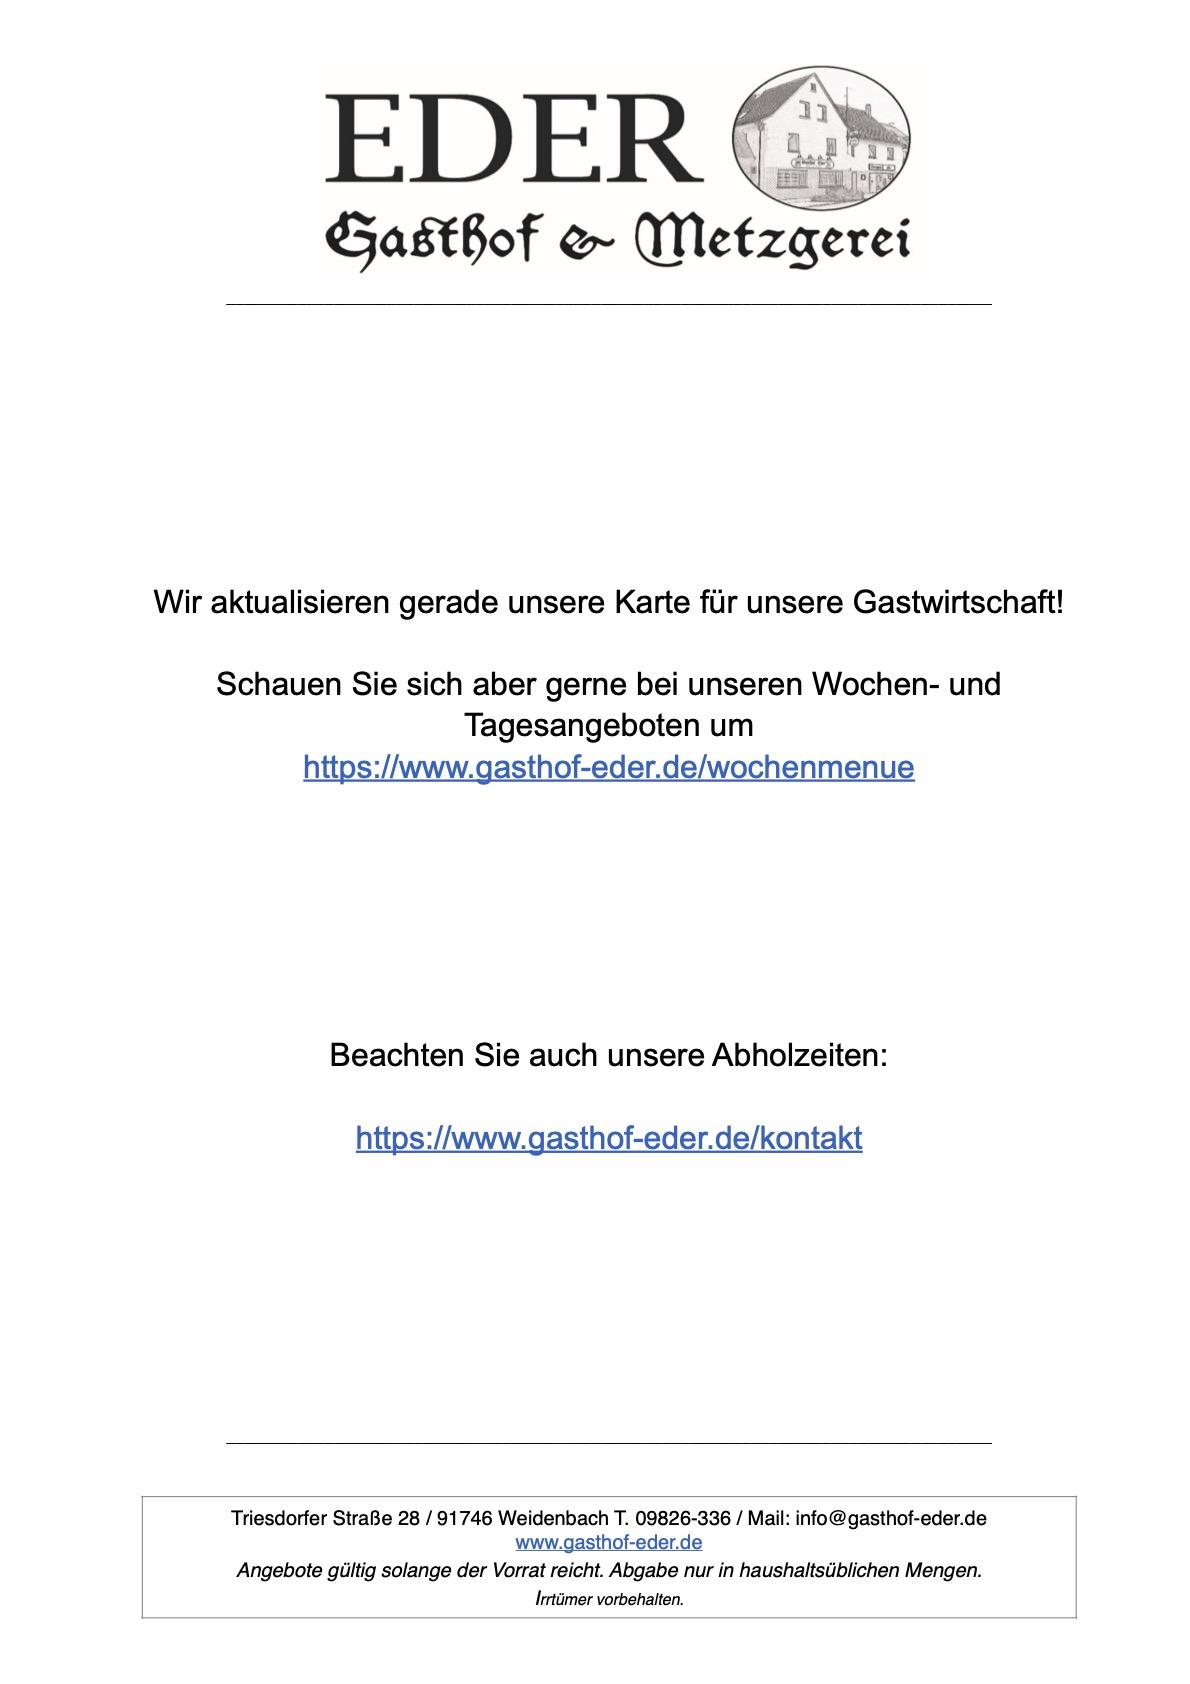 20210103_Update Speisekarte